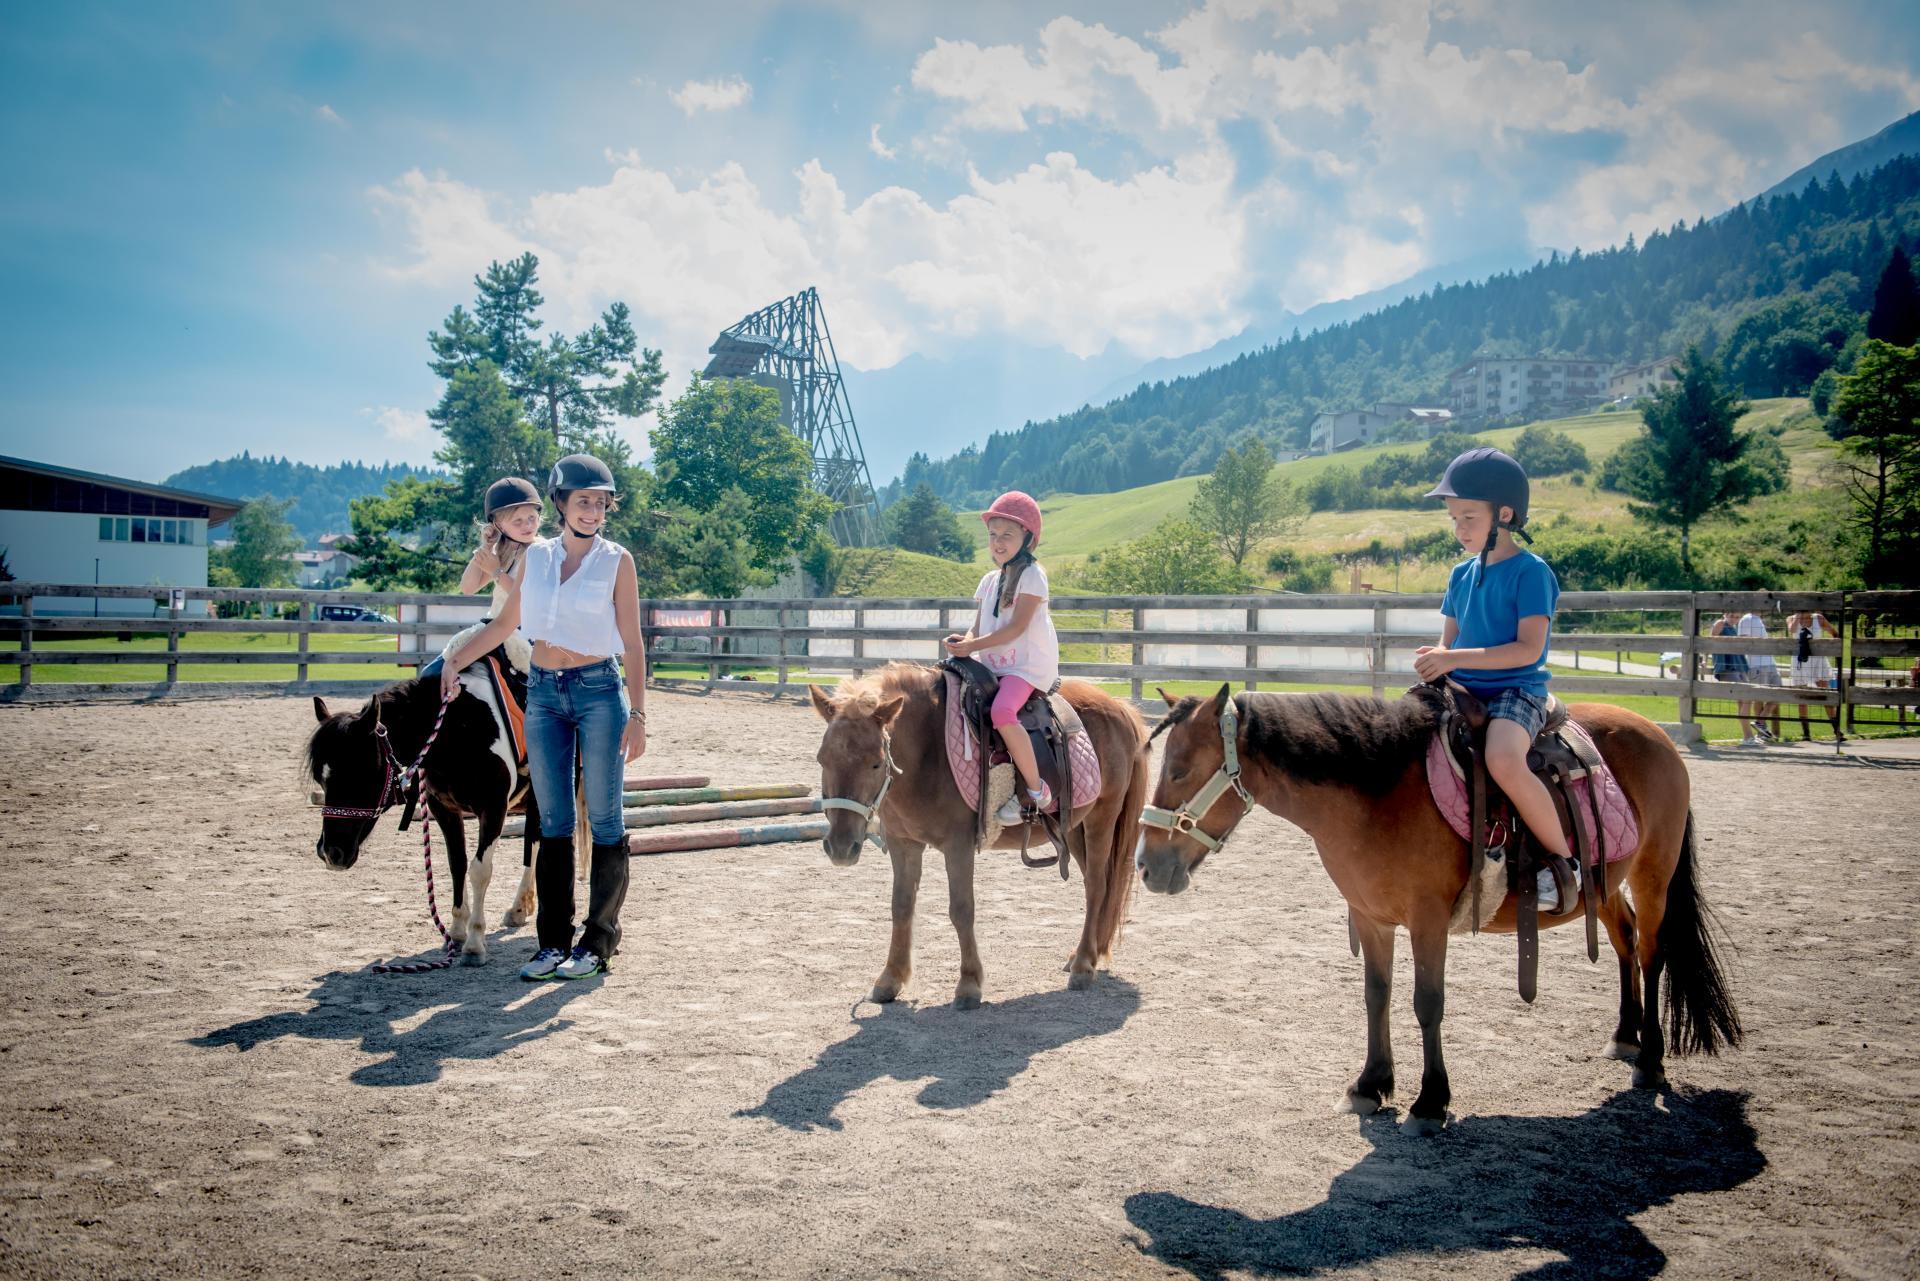 2016_PHMatteoDeStefano_Andalo_bambini_montagna_family_equitazione_cavalli_carrozza_pony_parco_LifePark_Dolomiti_Paganella_Trentino75.jpg